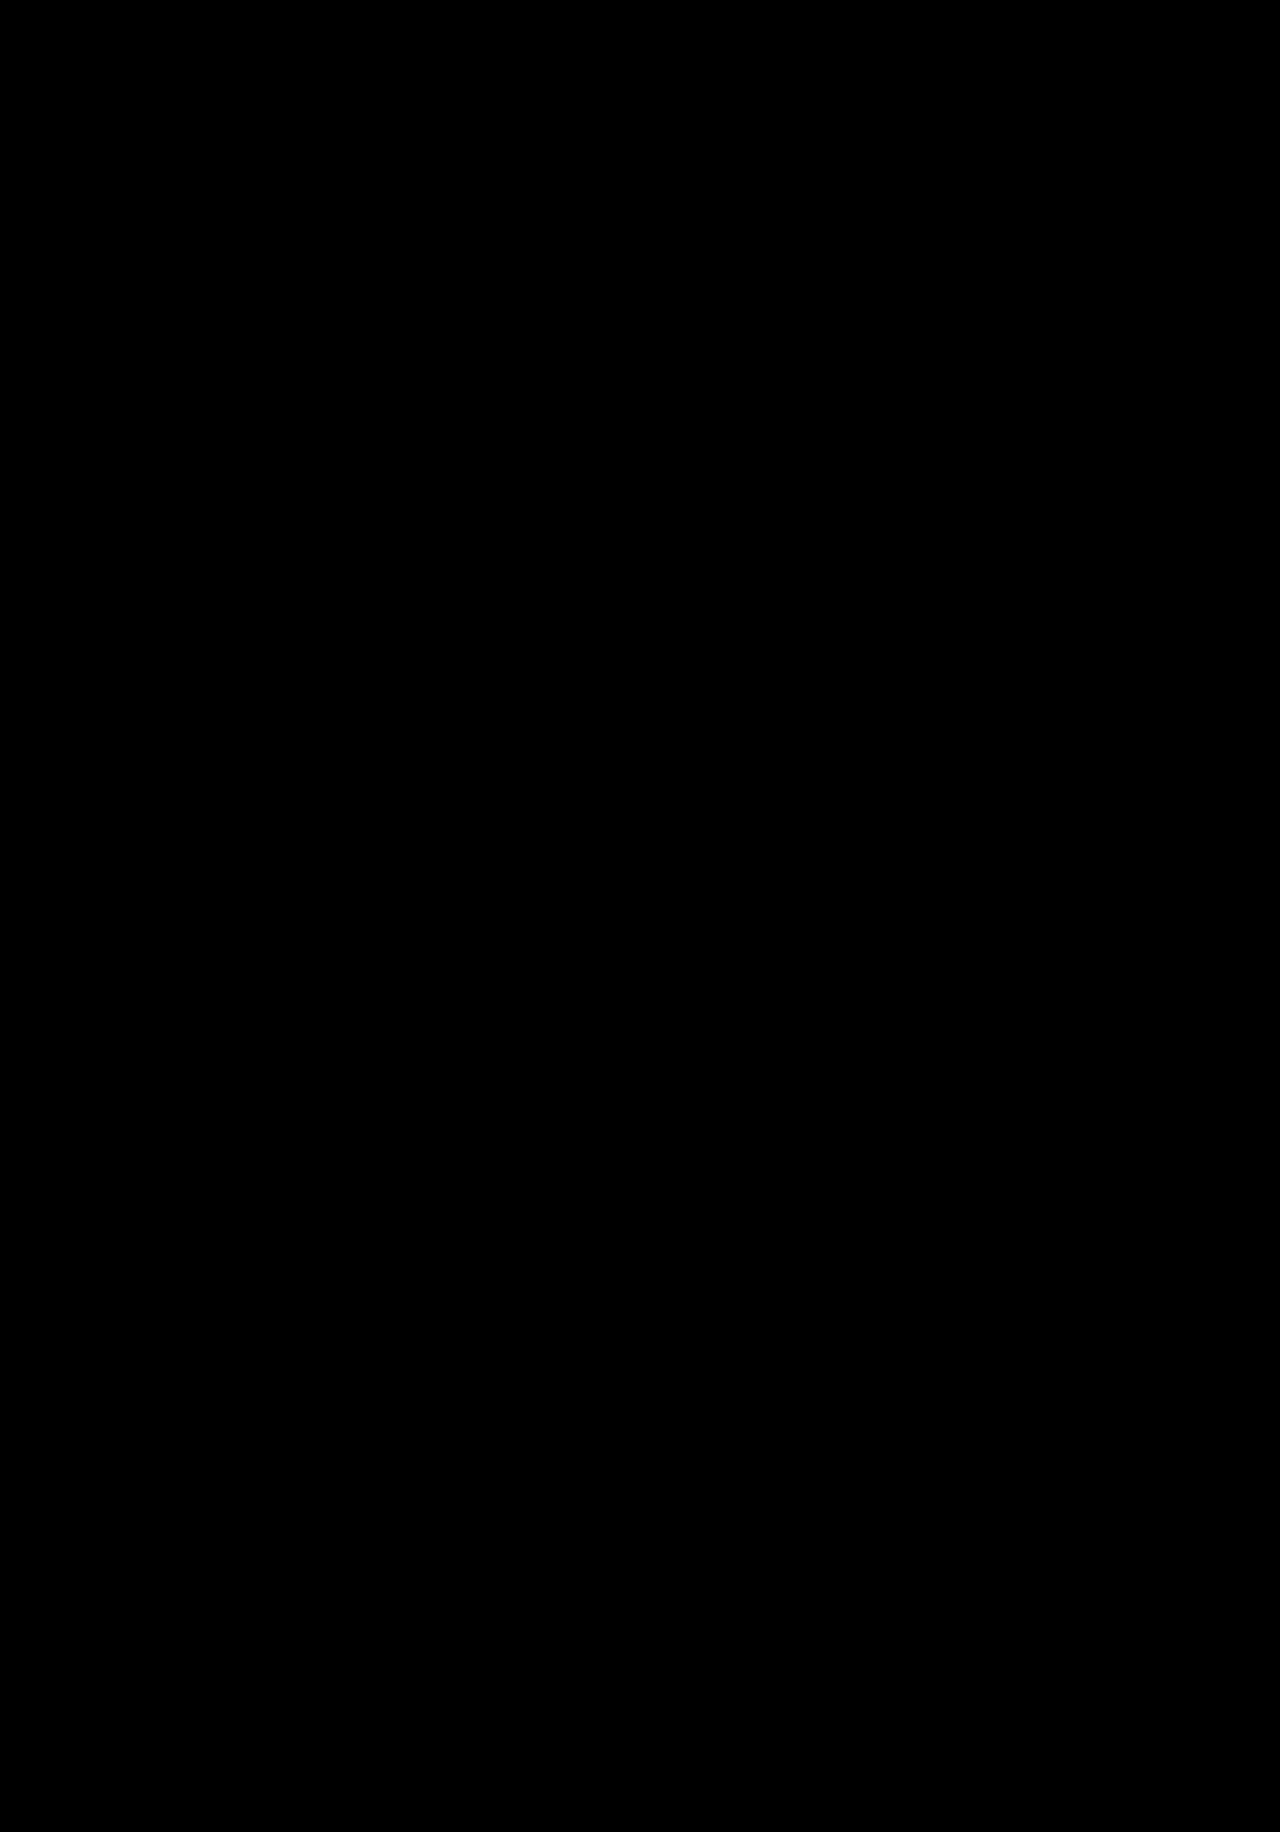 (C93) [Yakitate Jamaica (Aomushi)] Renzoku Taikyuu 8-jikan: Okay-san ga 8-jikan Buttooshi de Taikyuu Ecchi Suru Hon   8 Hours Non-Stop Endurance: Kay Endures 8 Straight Hours of Non-Stop Sex (Girls und Panzer) [English] =7BA= 34